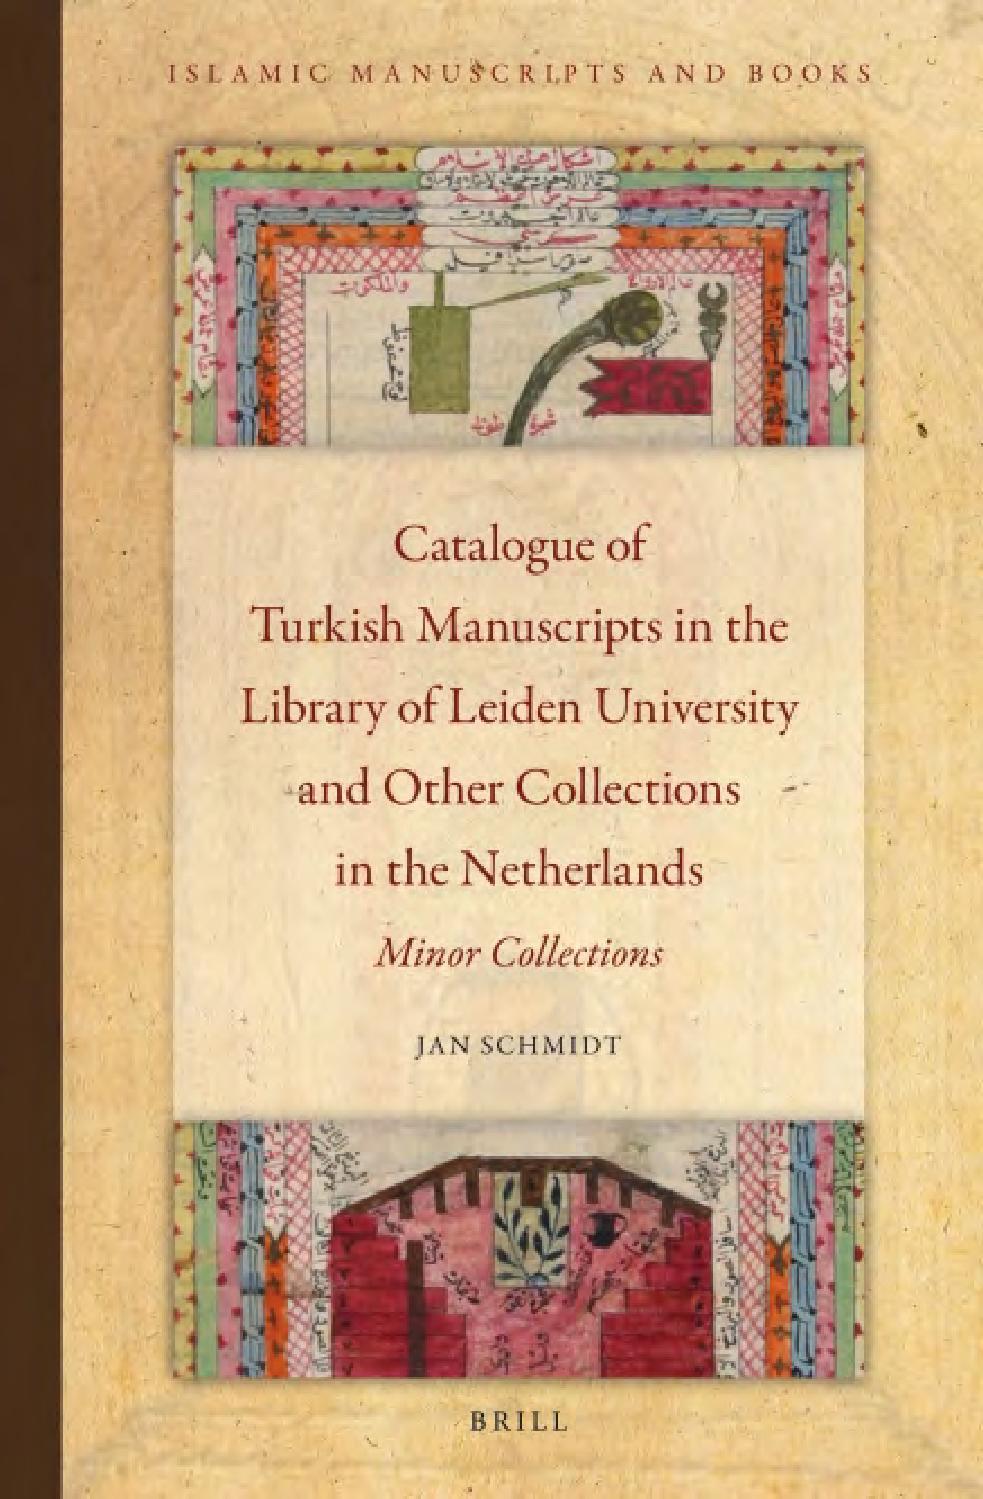 Catalogueof turkishmanuscriptsinthe libraryofleidenuniversity ...